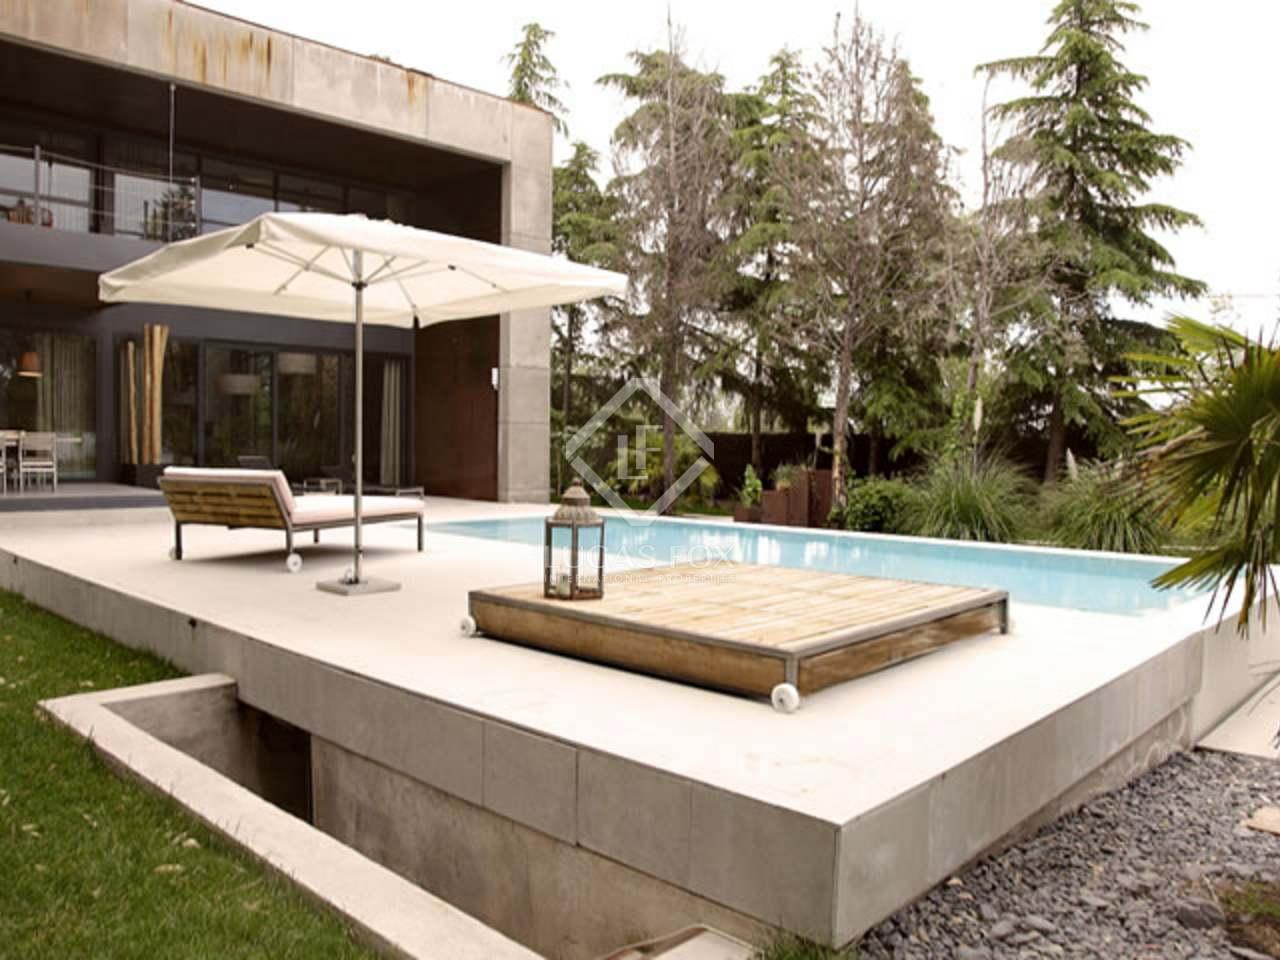 Casa de lujo en alquiler en valdemar n madrid - Apartamentos de alquiler en madrid ...